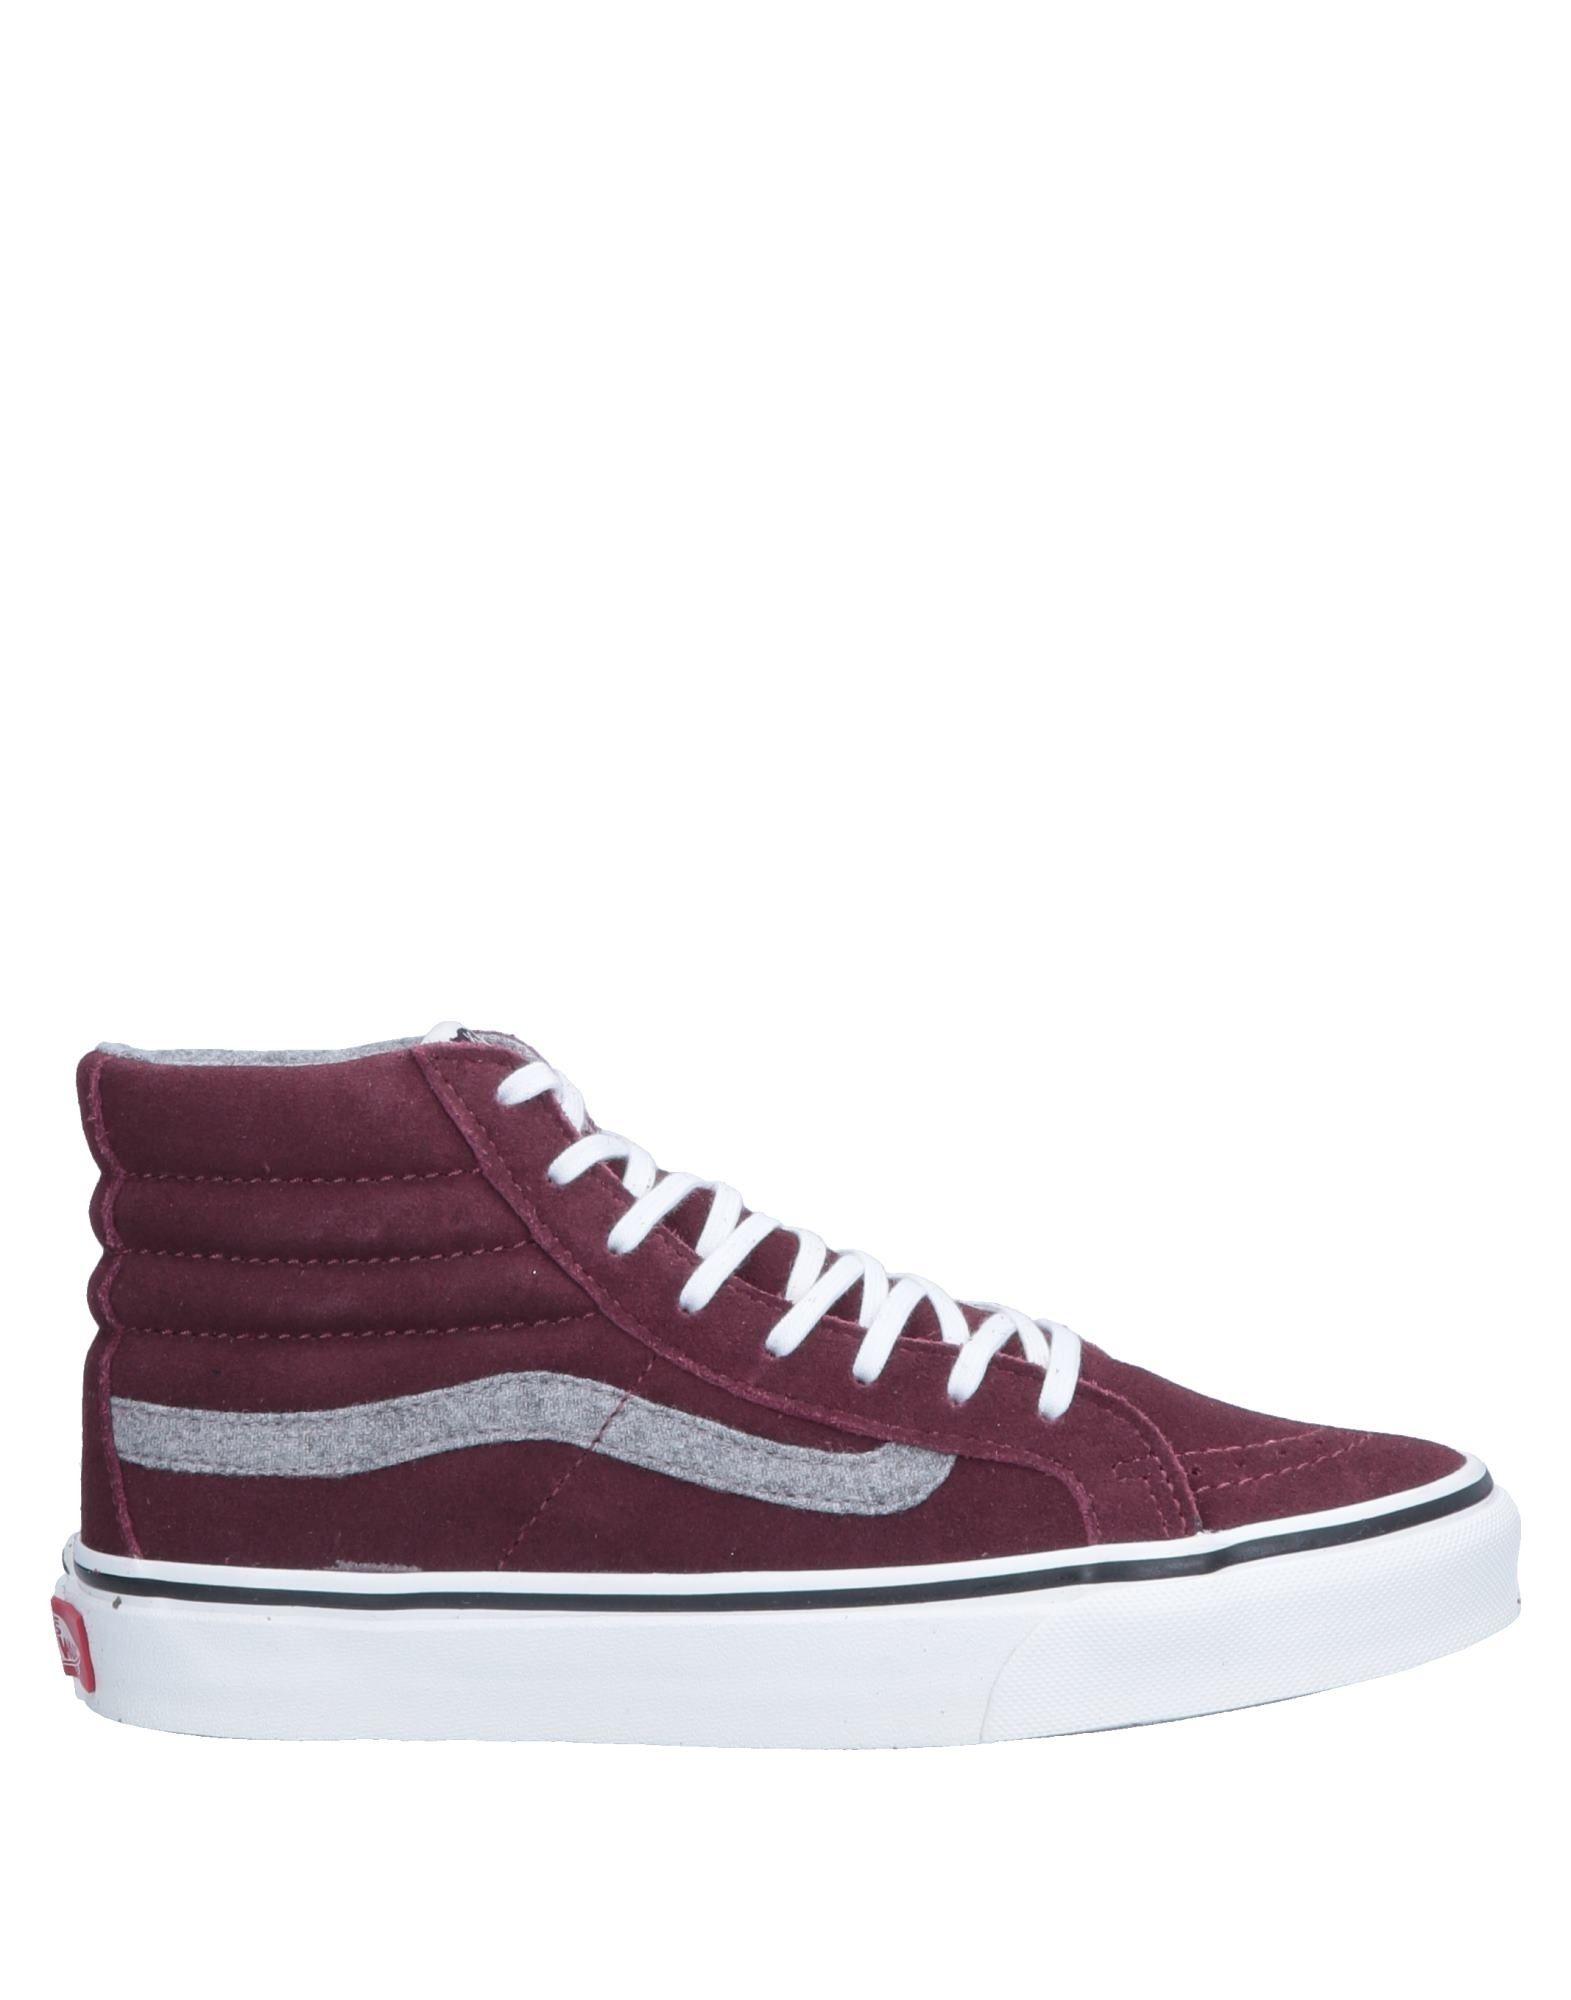 Vans Sneakers - Canada Women Vans Sneakers online on  Canada - - 11554878UA 2d3d18